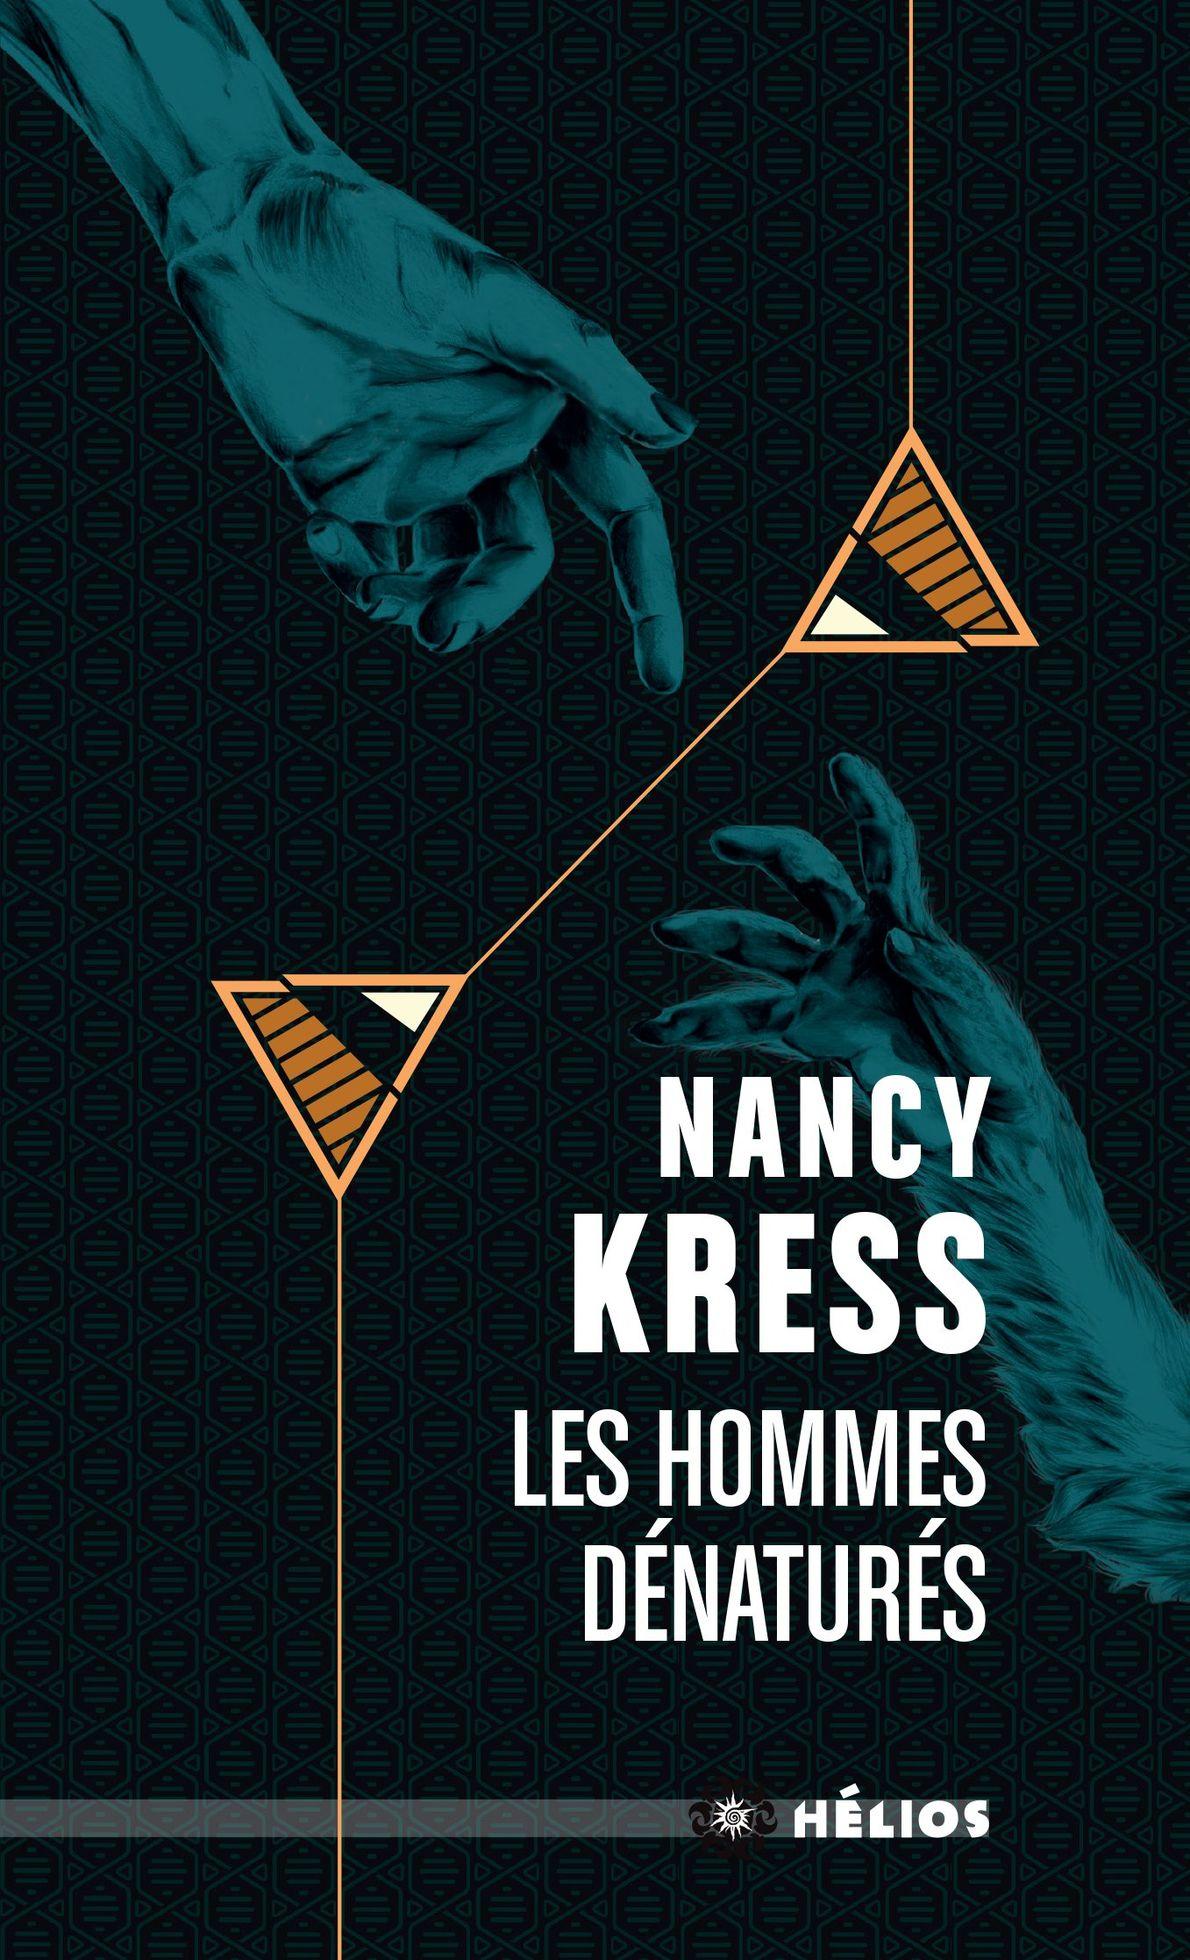 Pourquoi (re)lire Les Hommes dénaturés de Nancy Kress